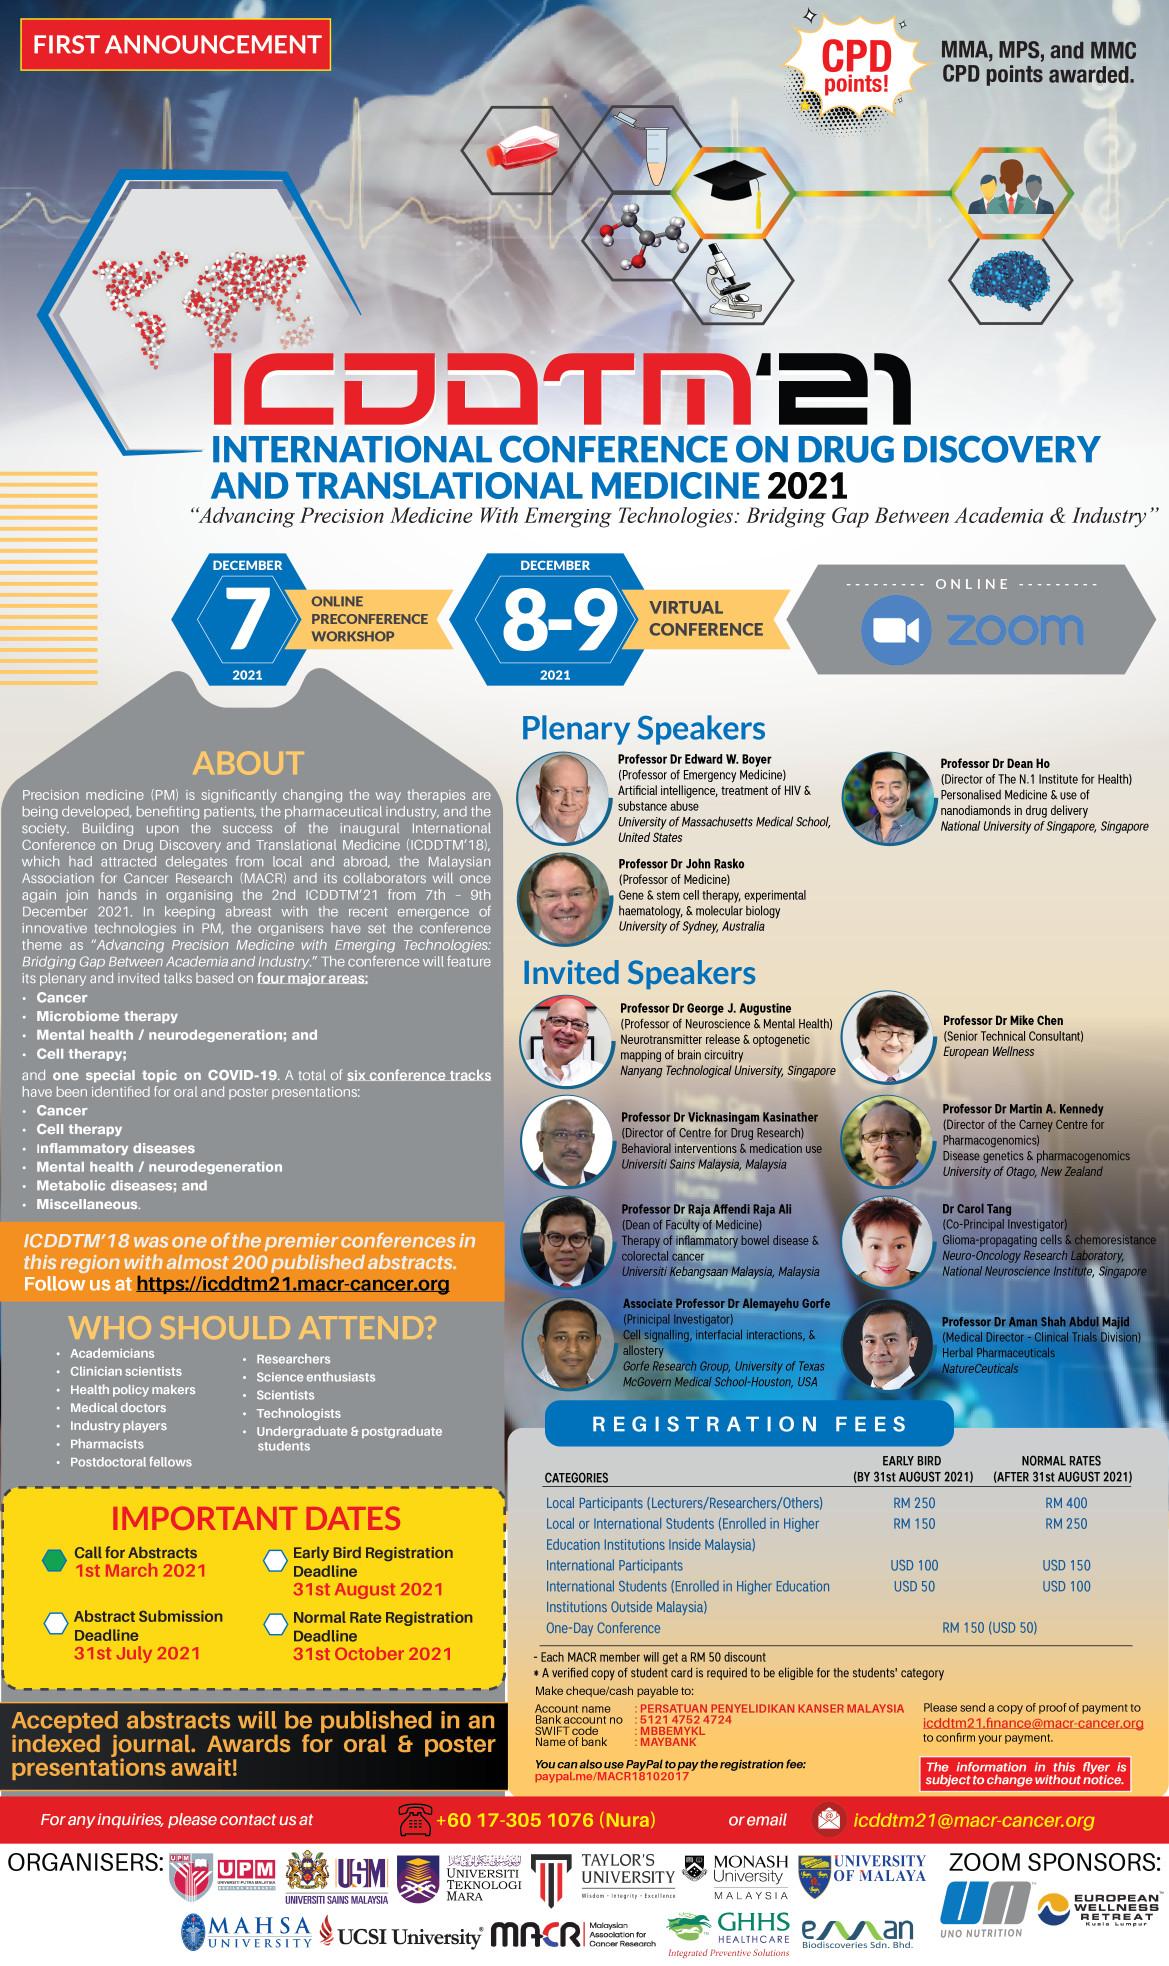 ICDDTM21 1st Announcement